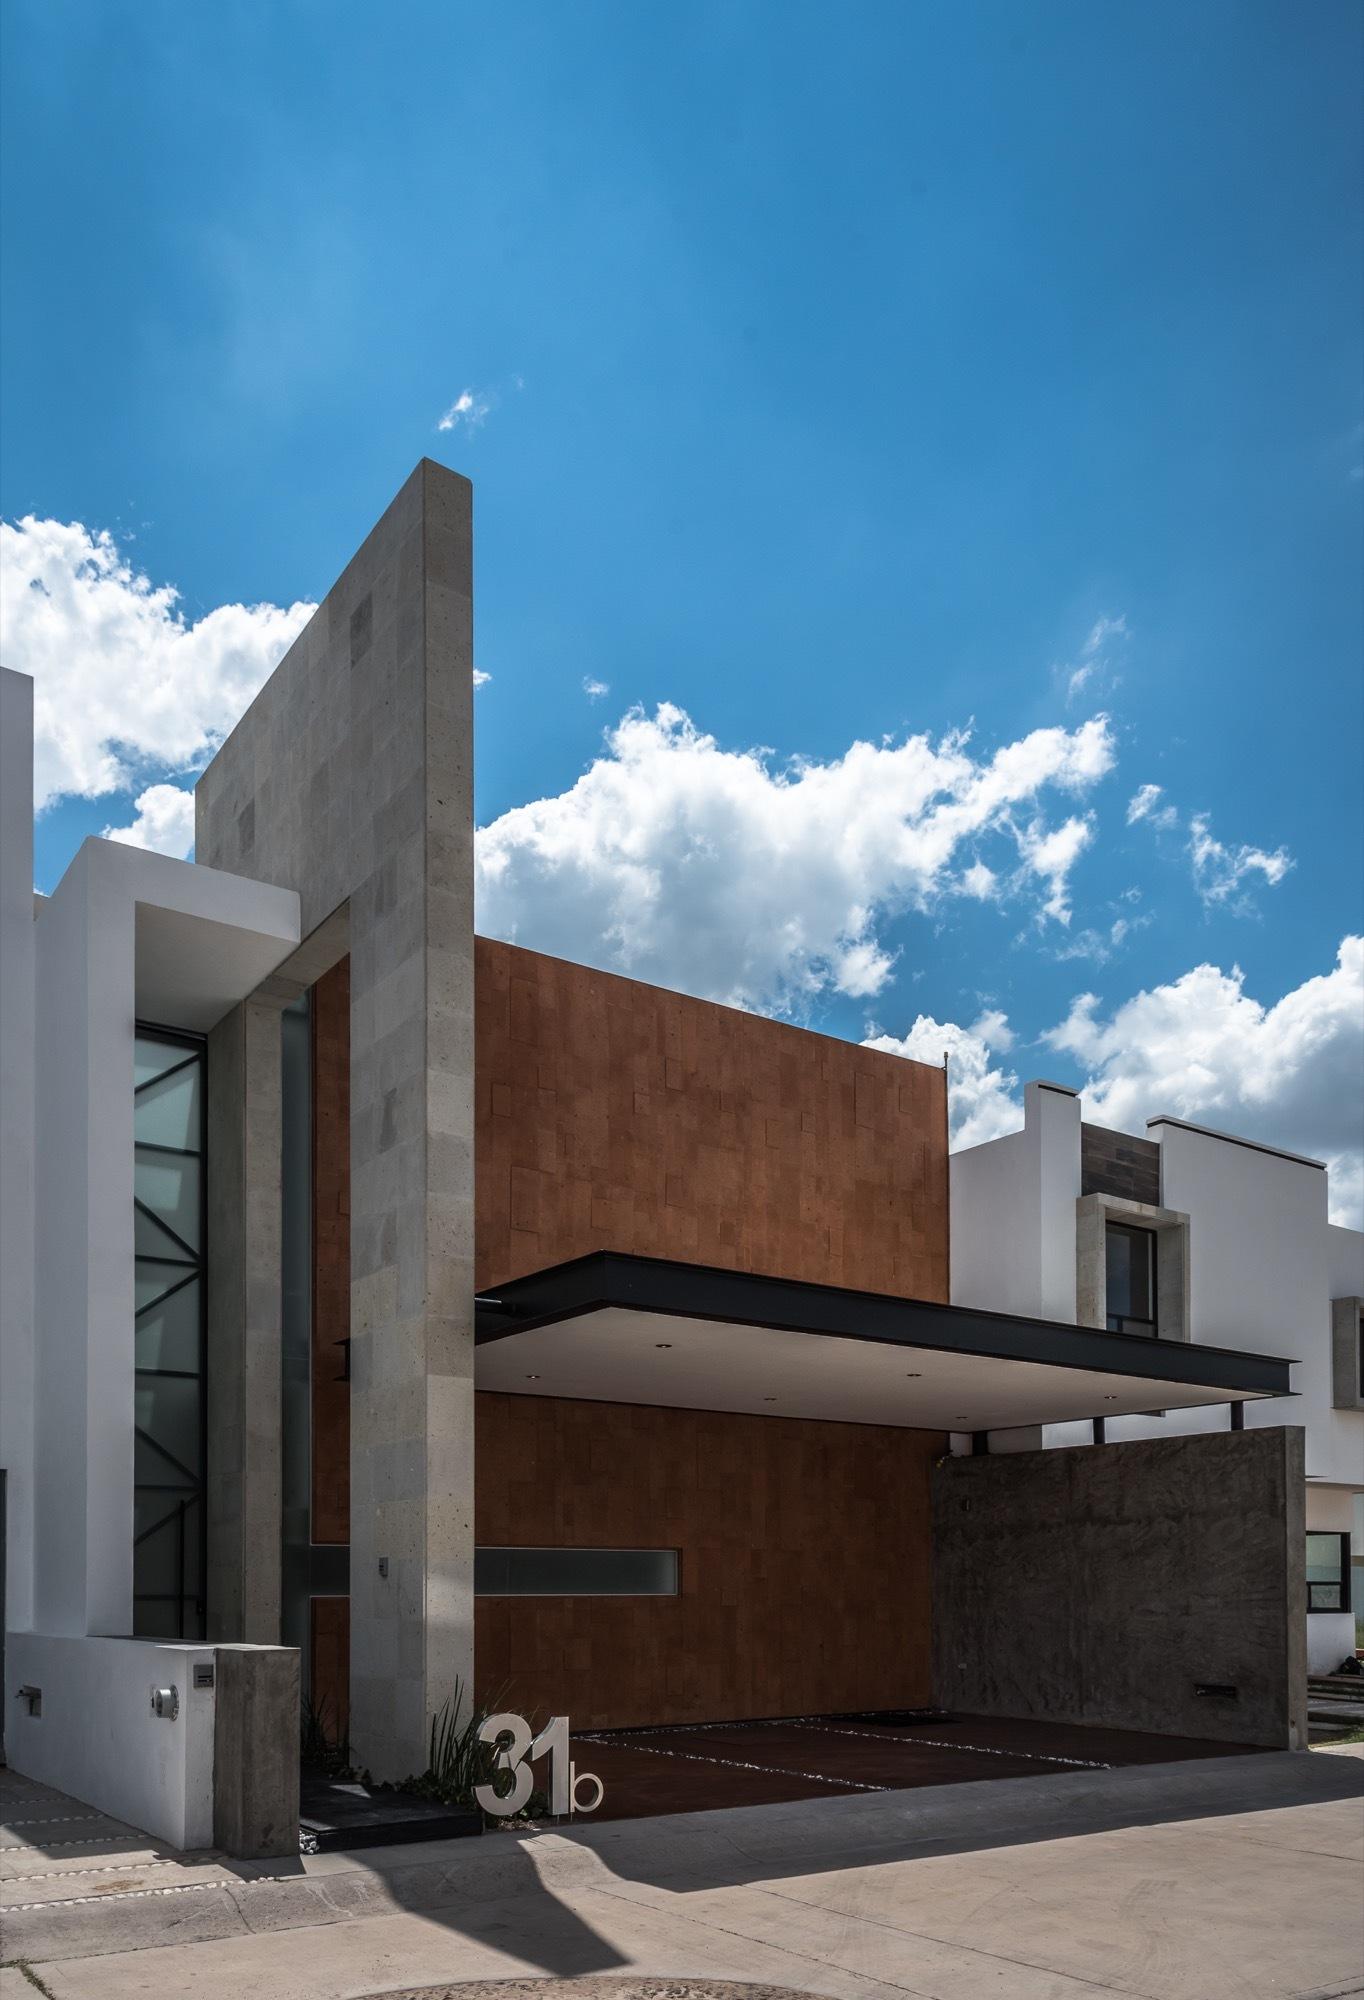 Casa contadero canocanela arquitectura plataforma for Casa de arquitecto moderno